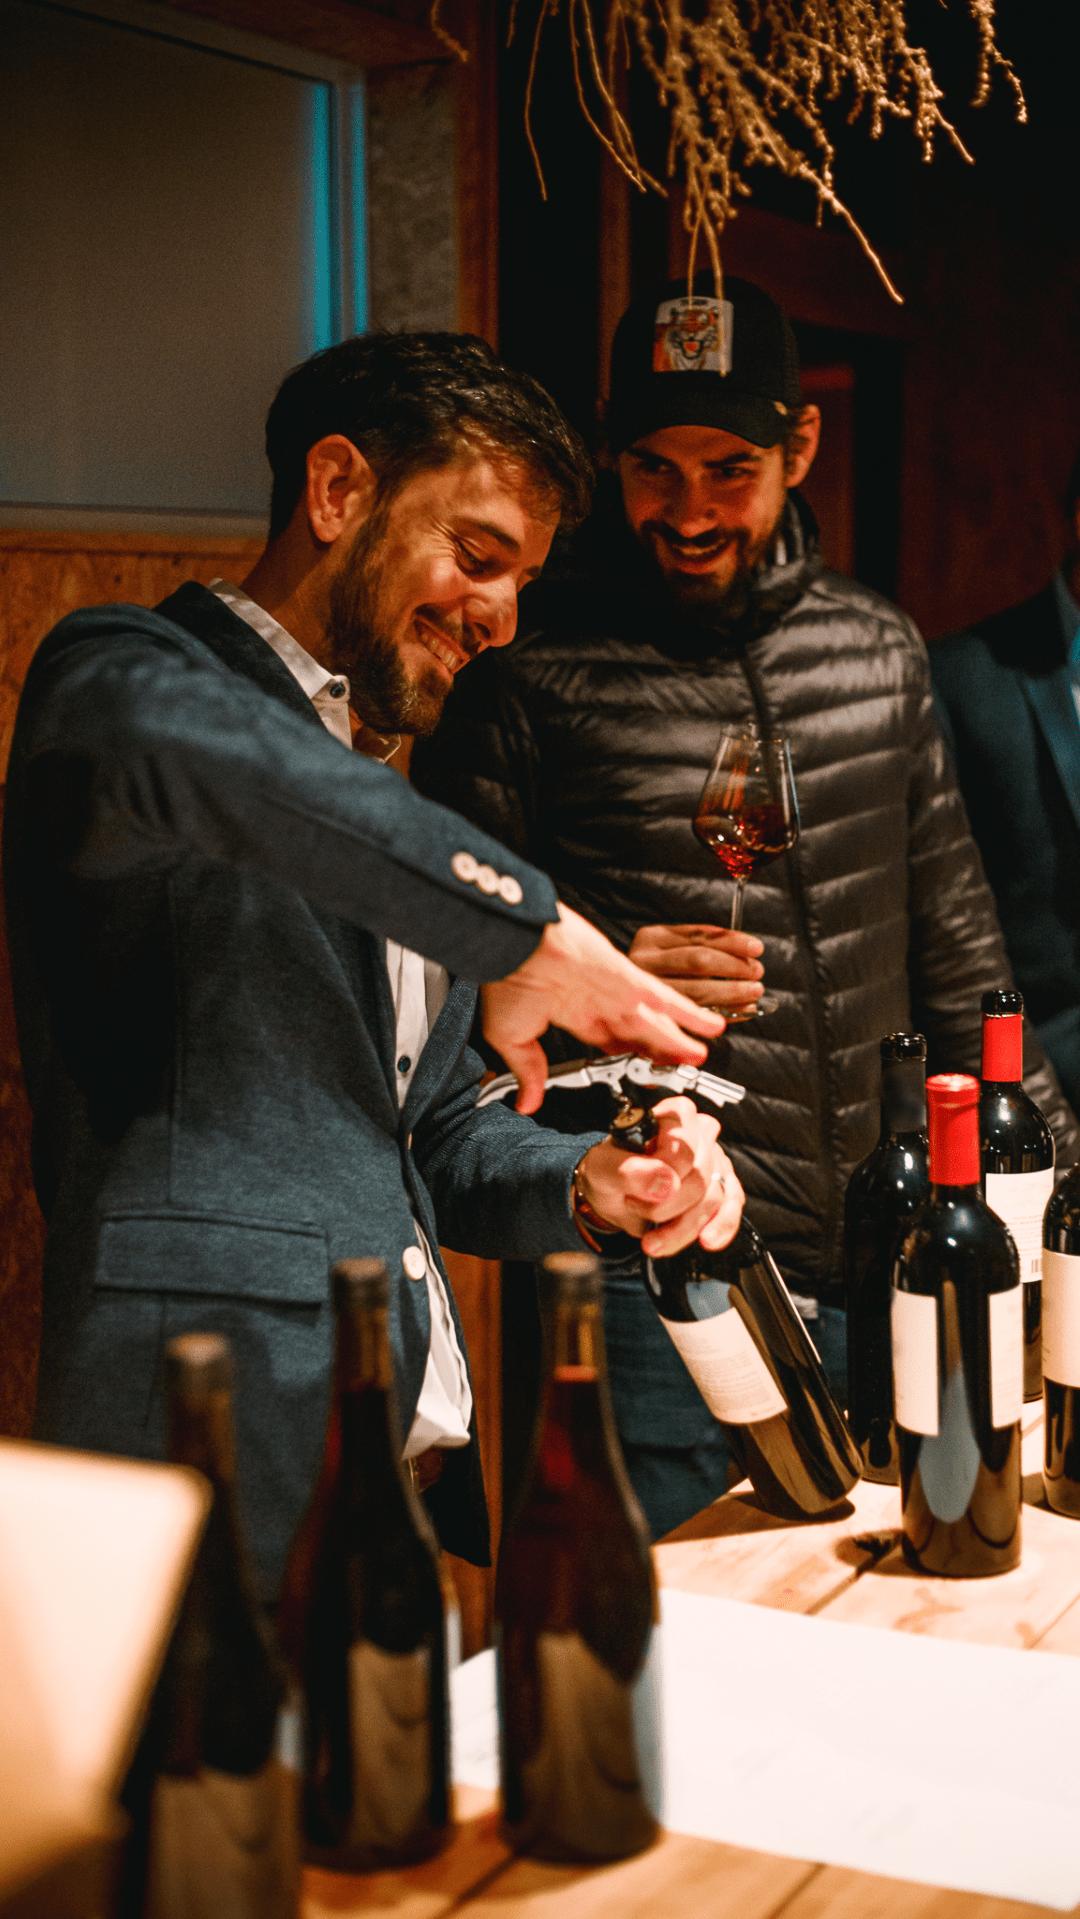 Nace Desde los Polos. El Pinot Noir de Mariano Braga y Andrés Vignoni